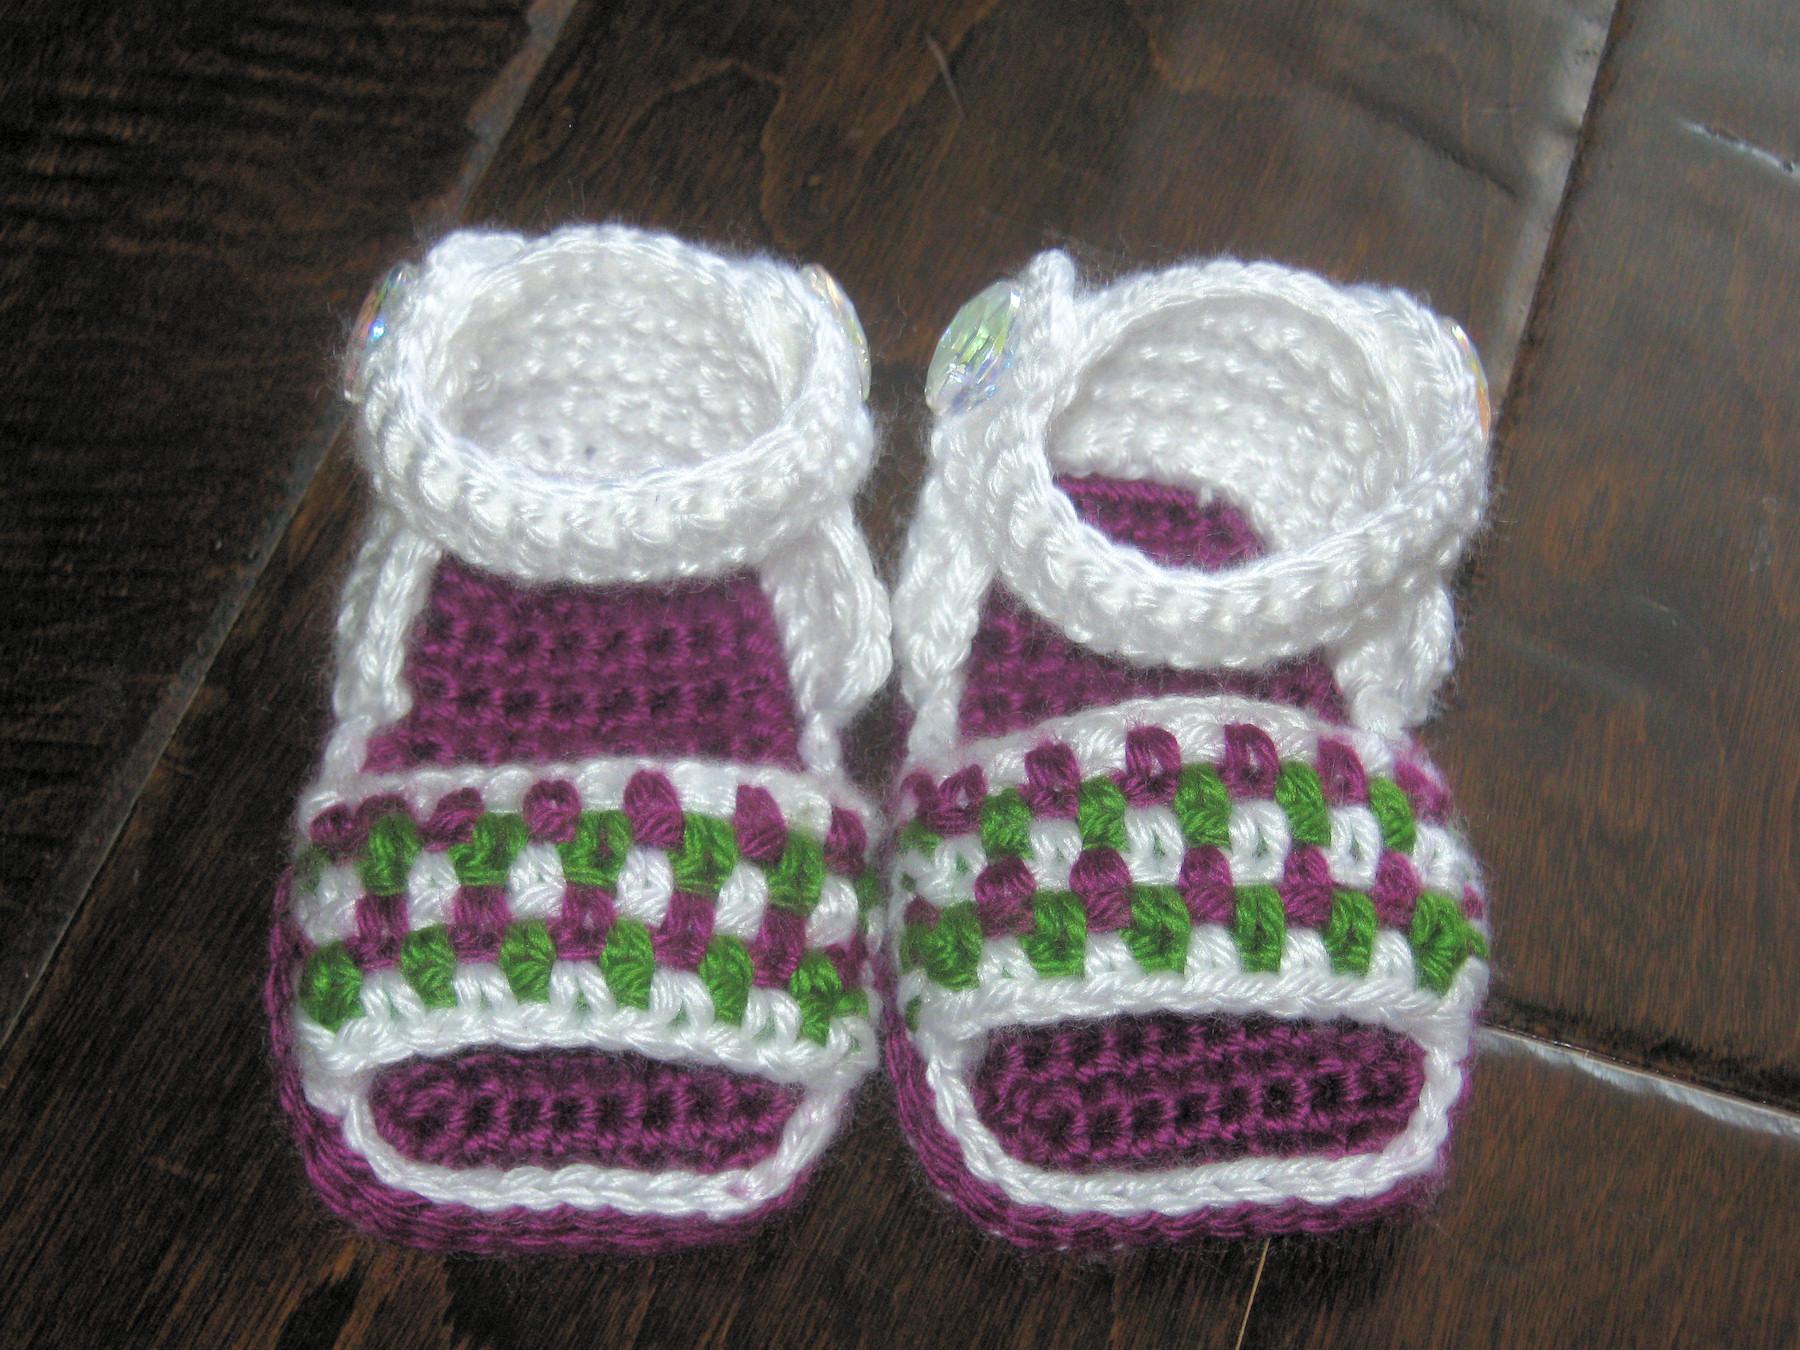 d3d54b39b0492 Crochet Baby Sandals Booties Shoes Newborn To 6 Months